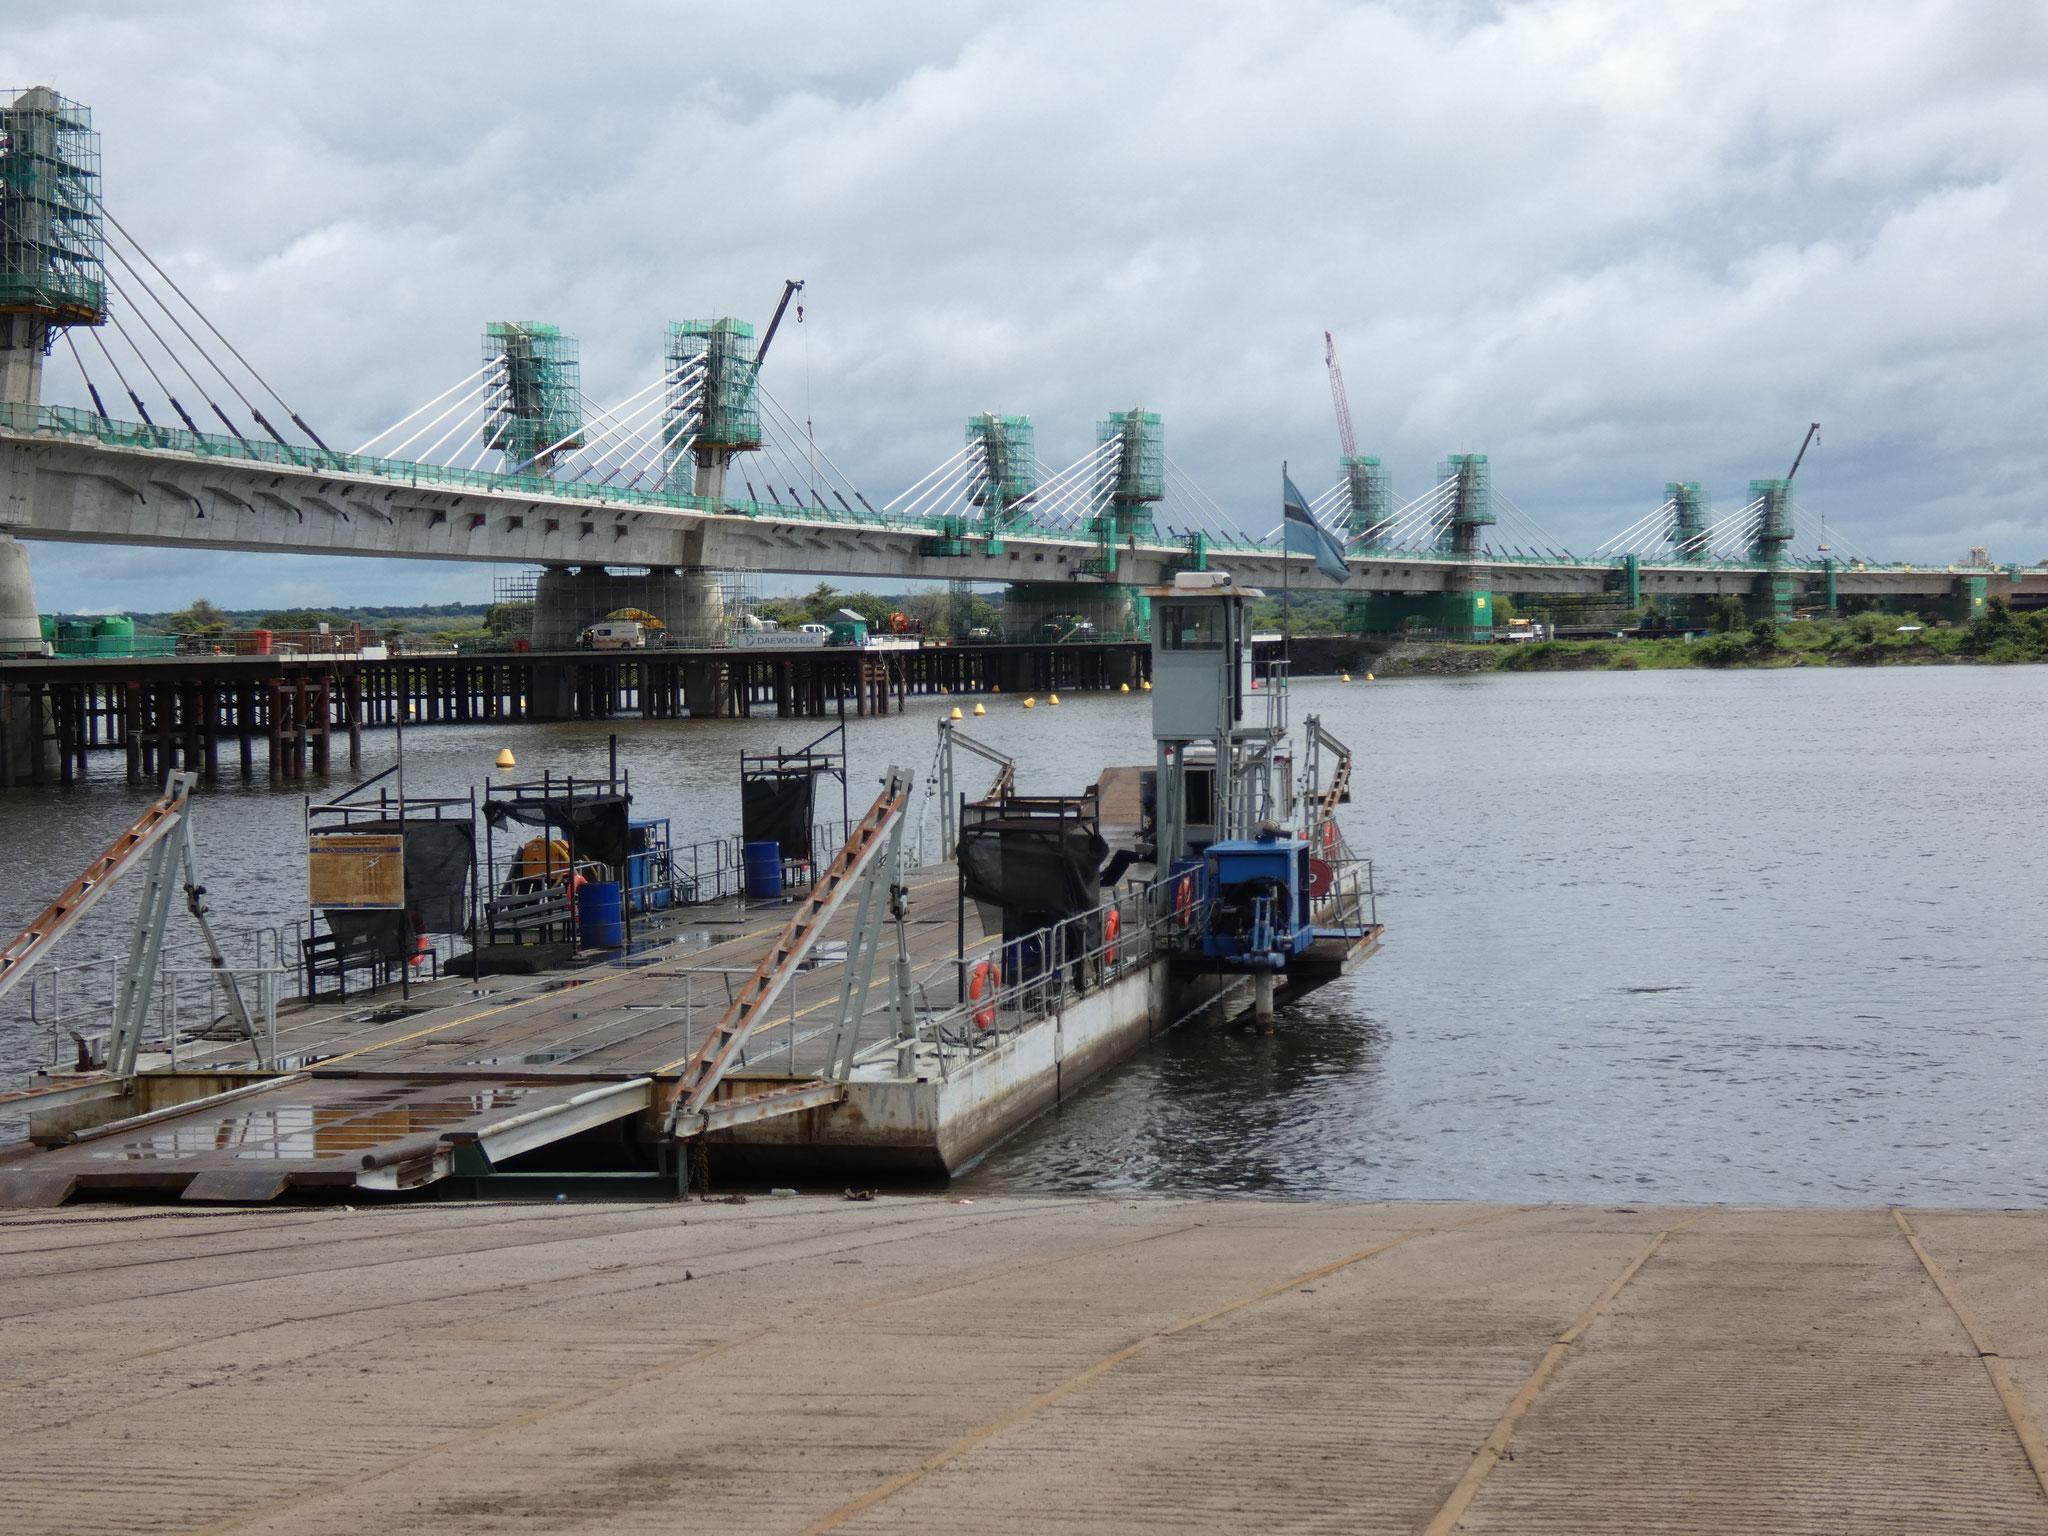 neue Brücke entsteht